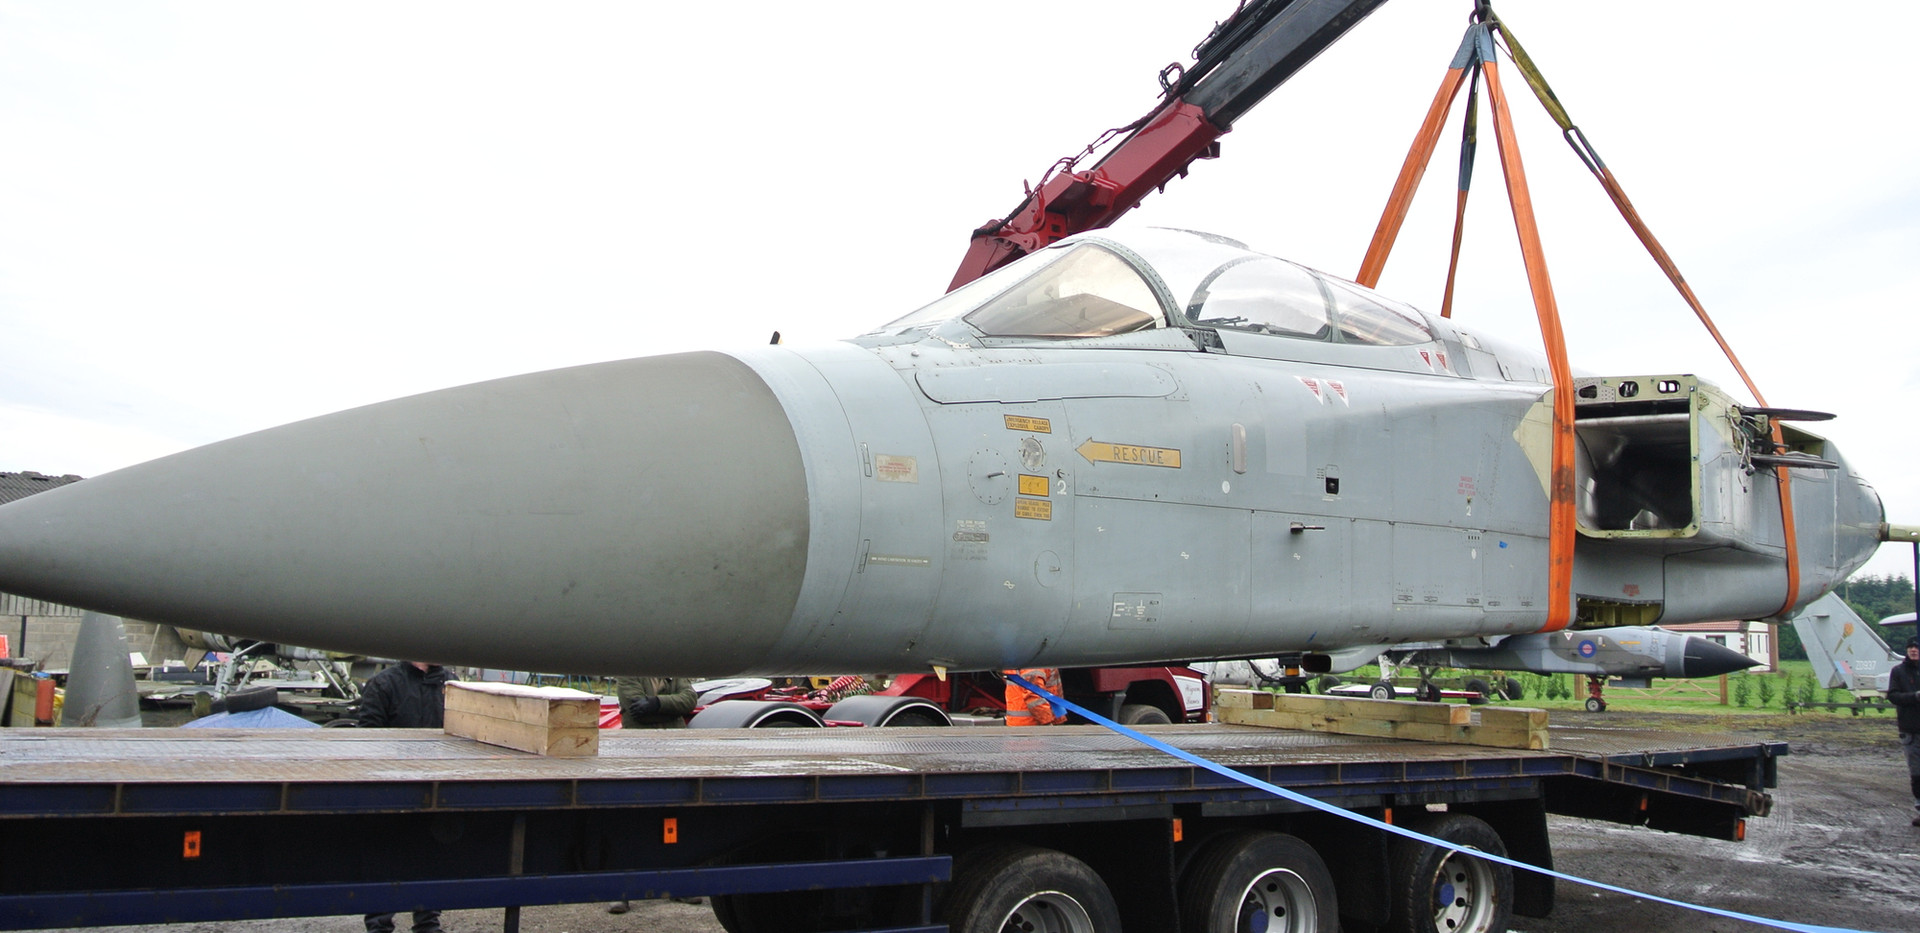 ZD899 Tornado F2 arrives back at Jet Art